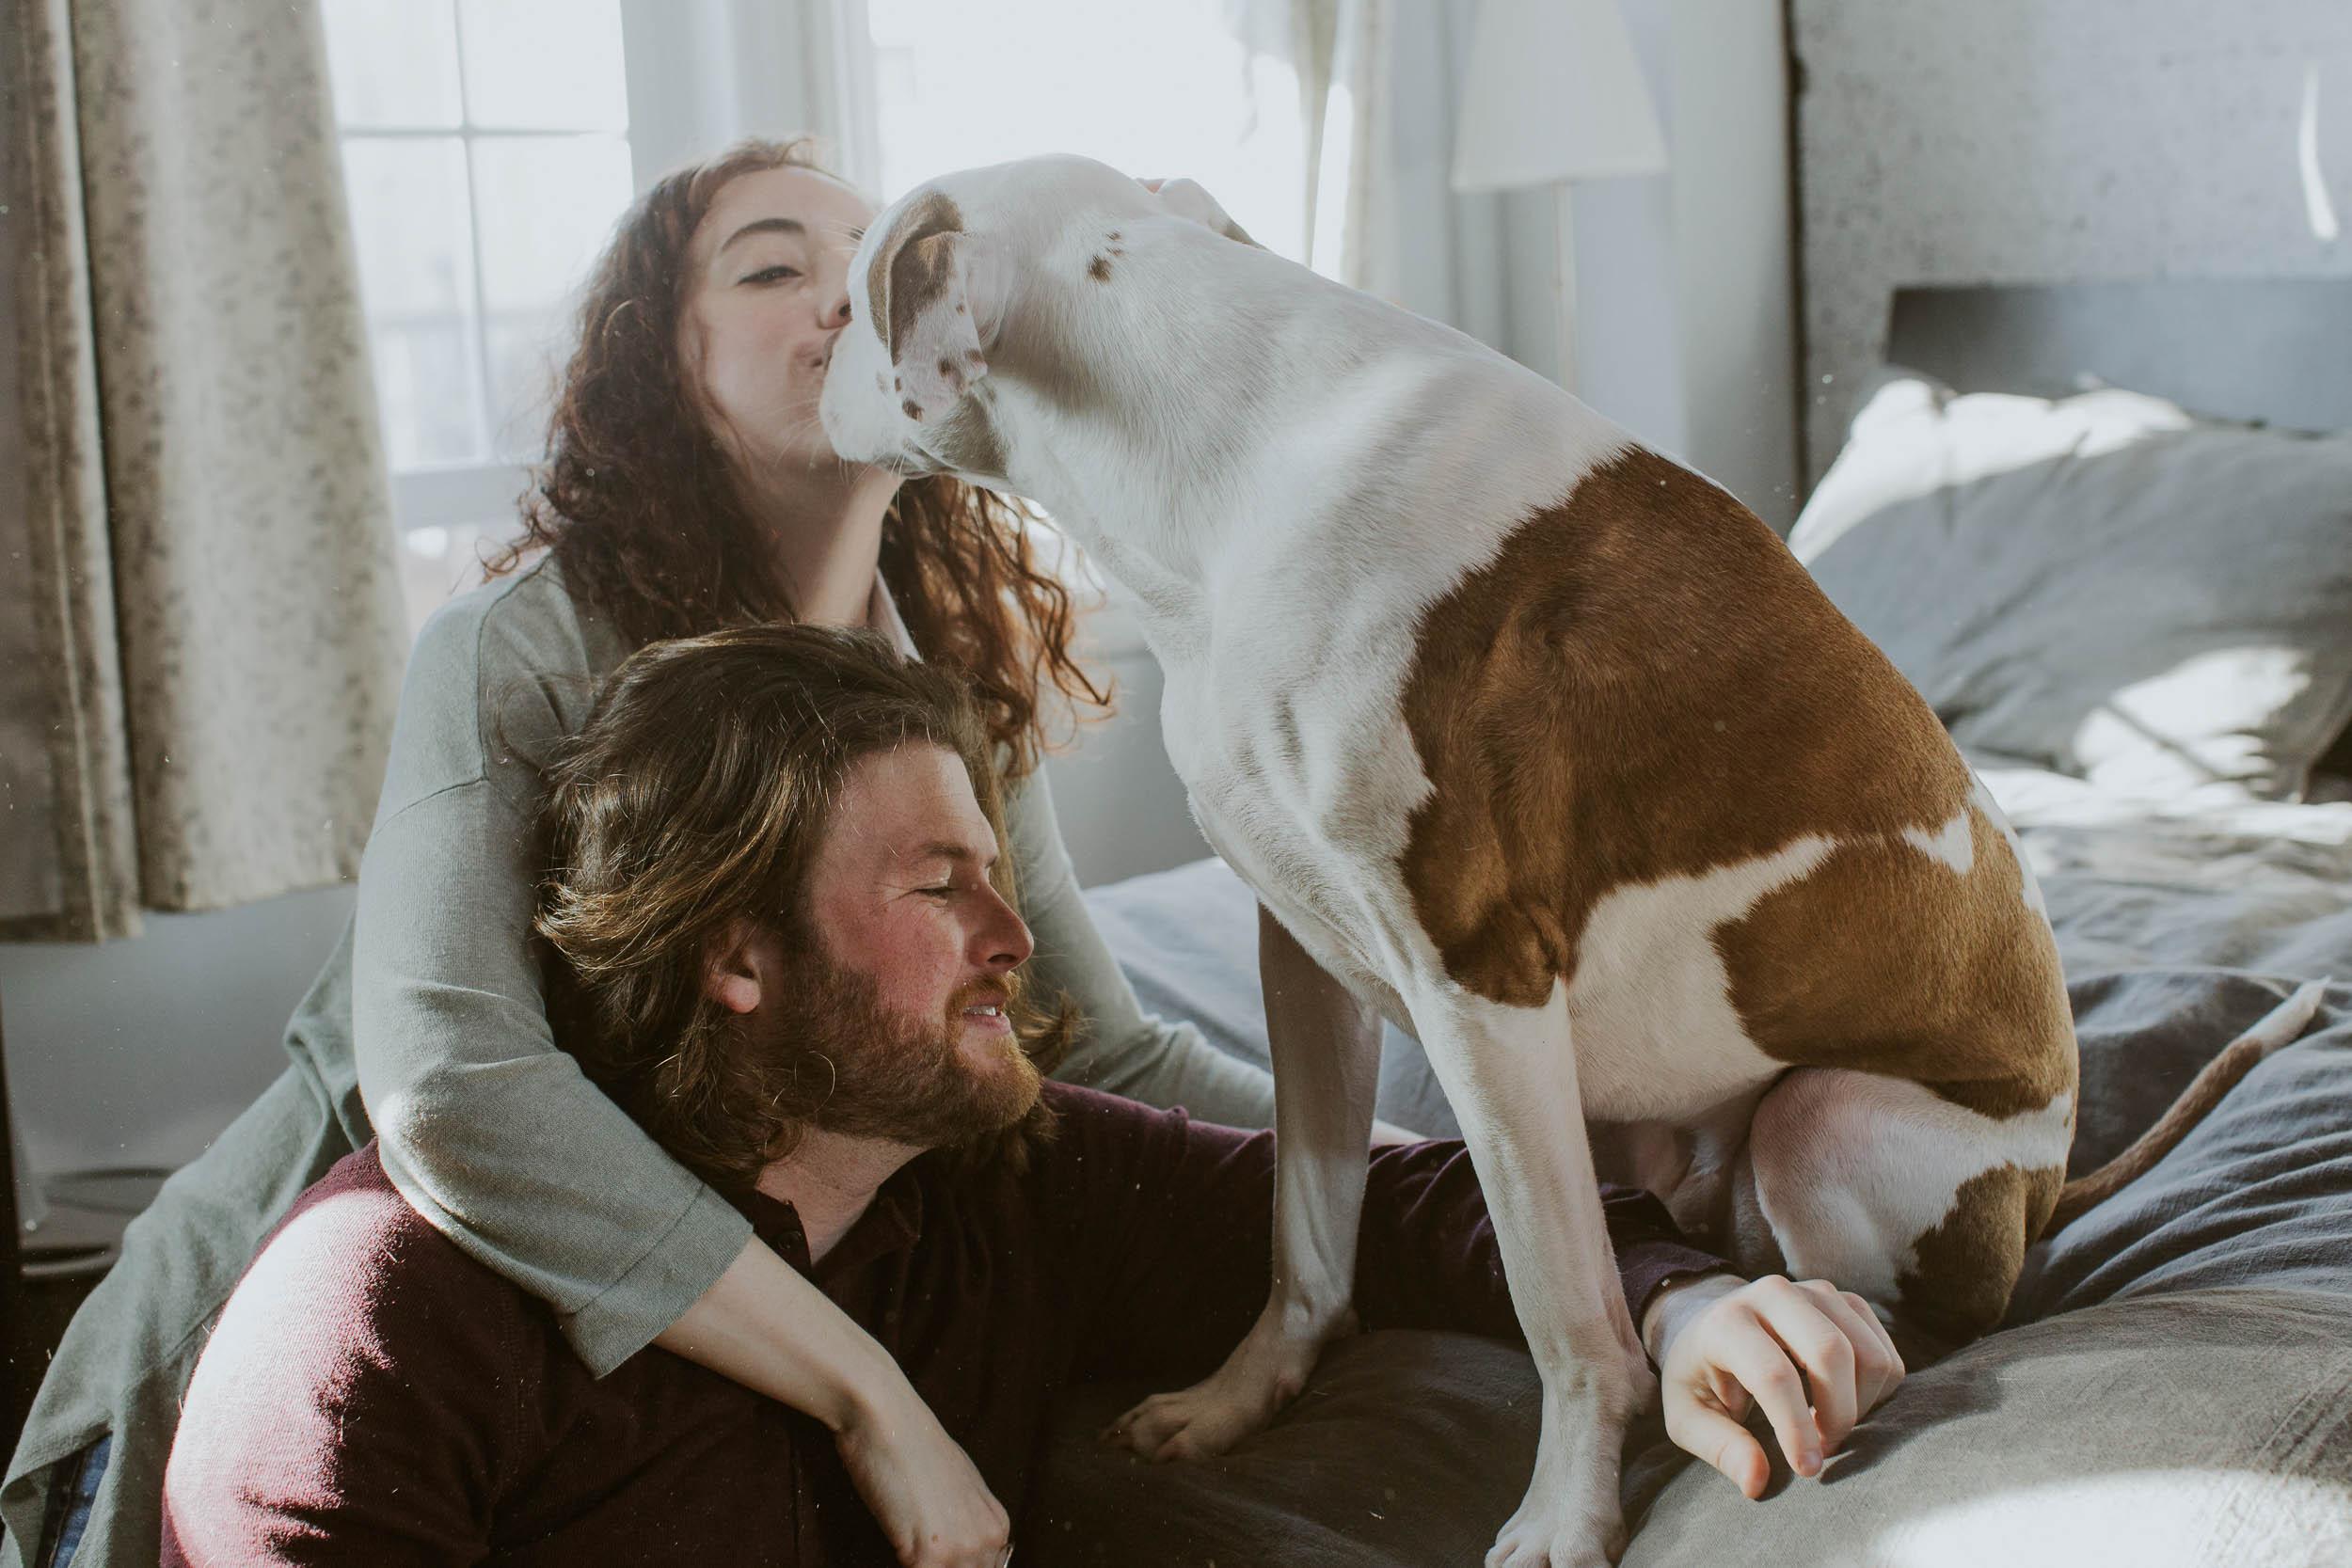 Kristen-Humbert-Family-Photoshoot-Philadelphia_Ruby-James-W-2-18.jpg